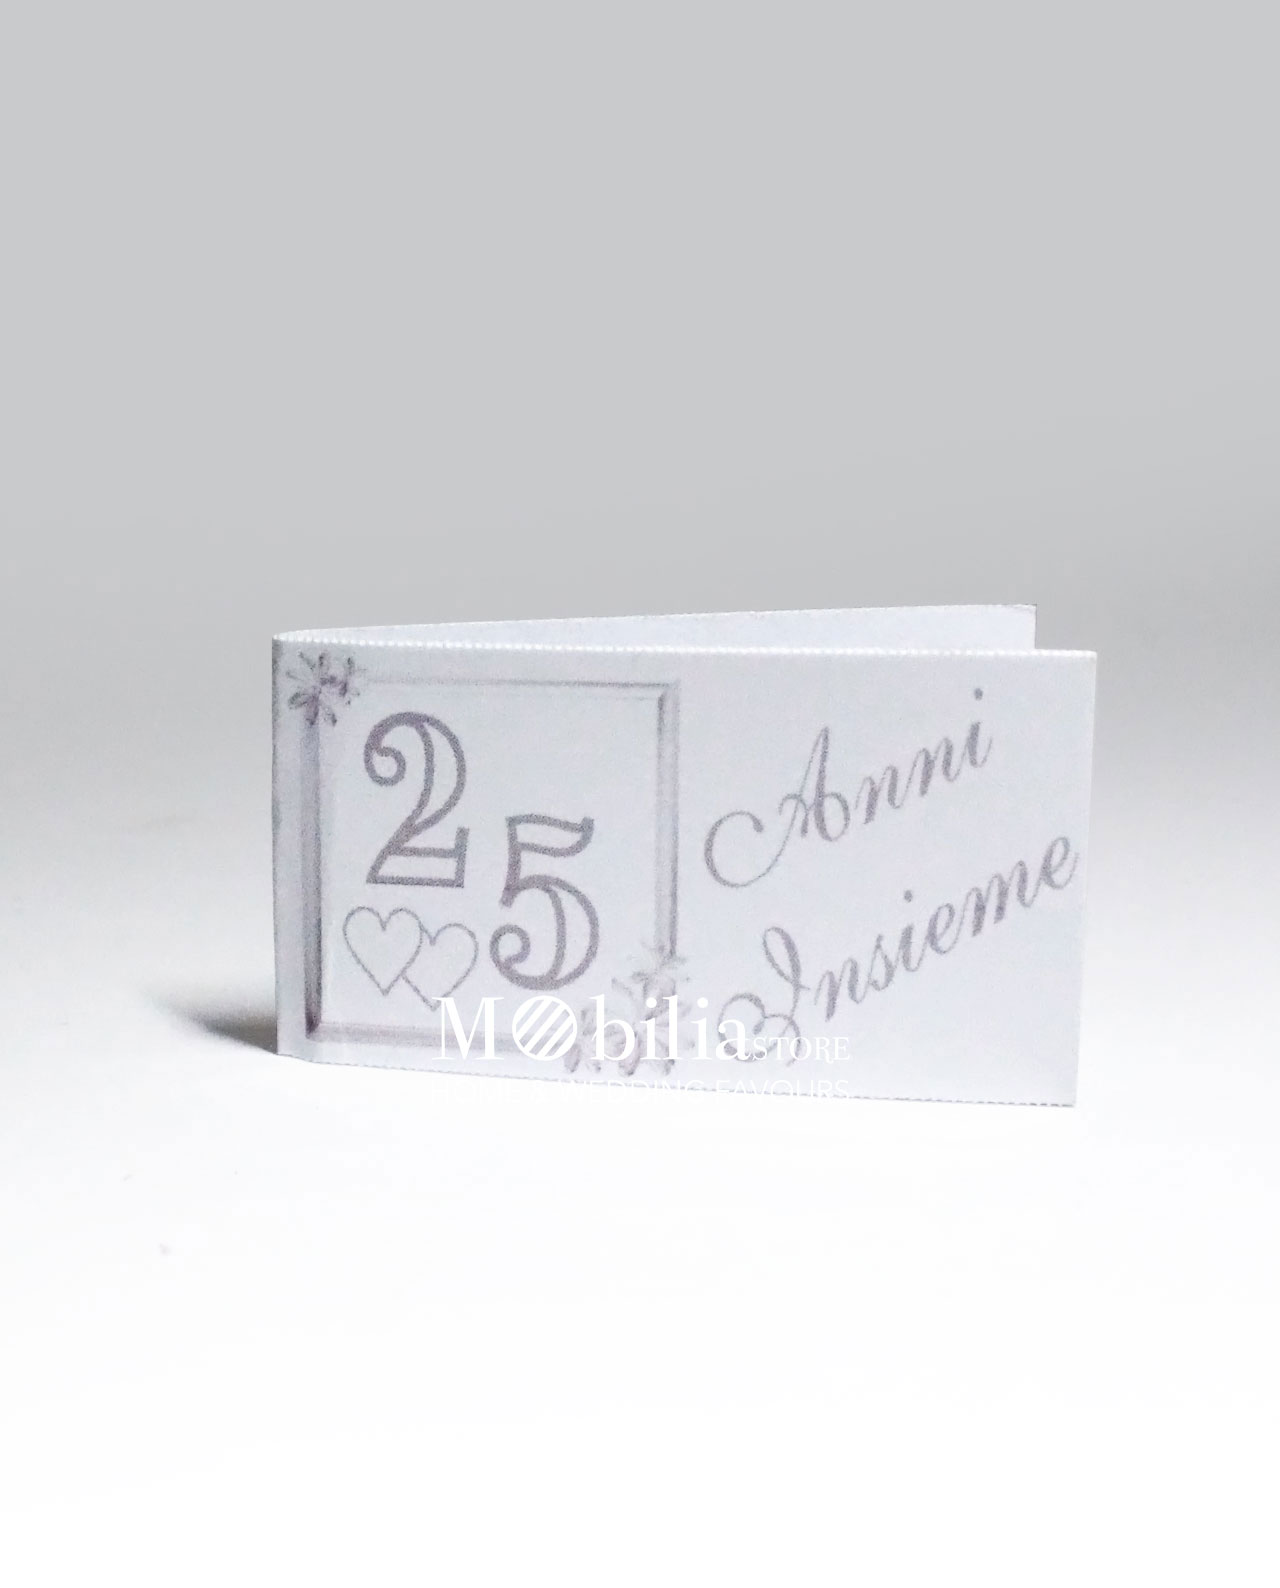 Preferenza Biglietti per bomboniere 25 anni di matrimonio set 10 pezzi JG61